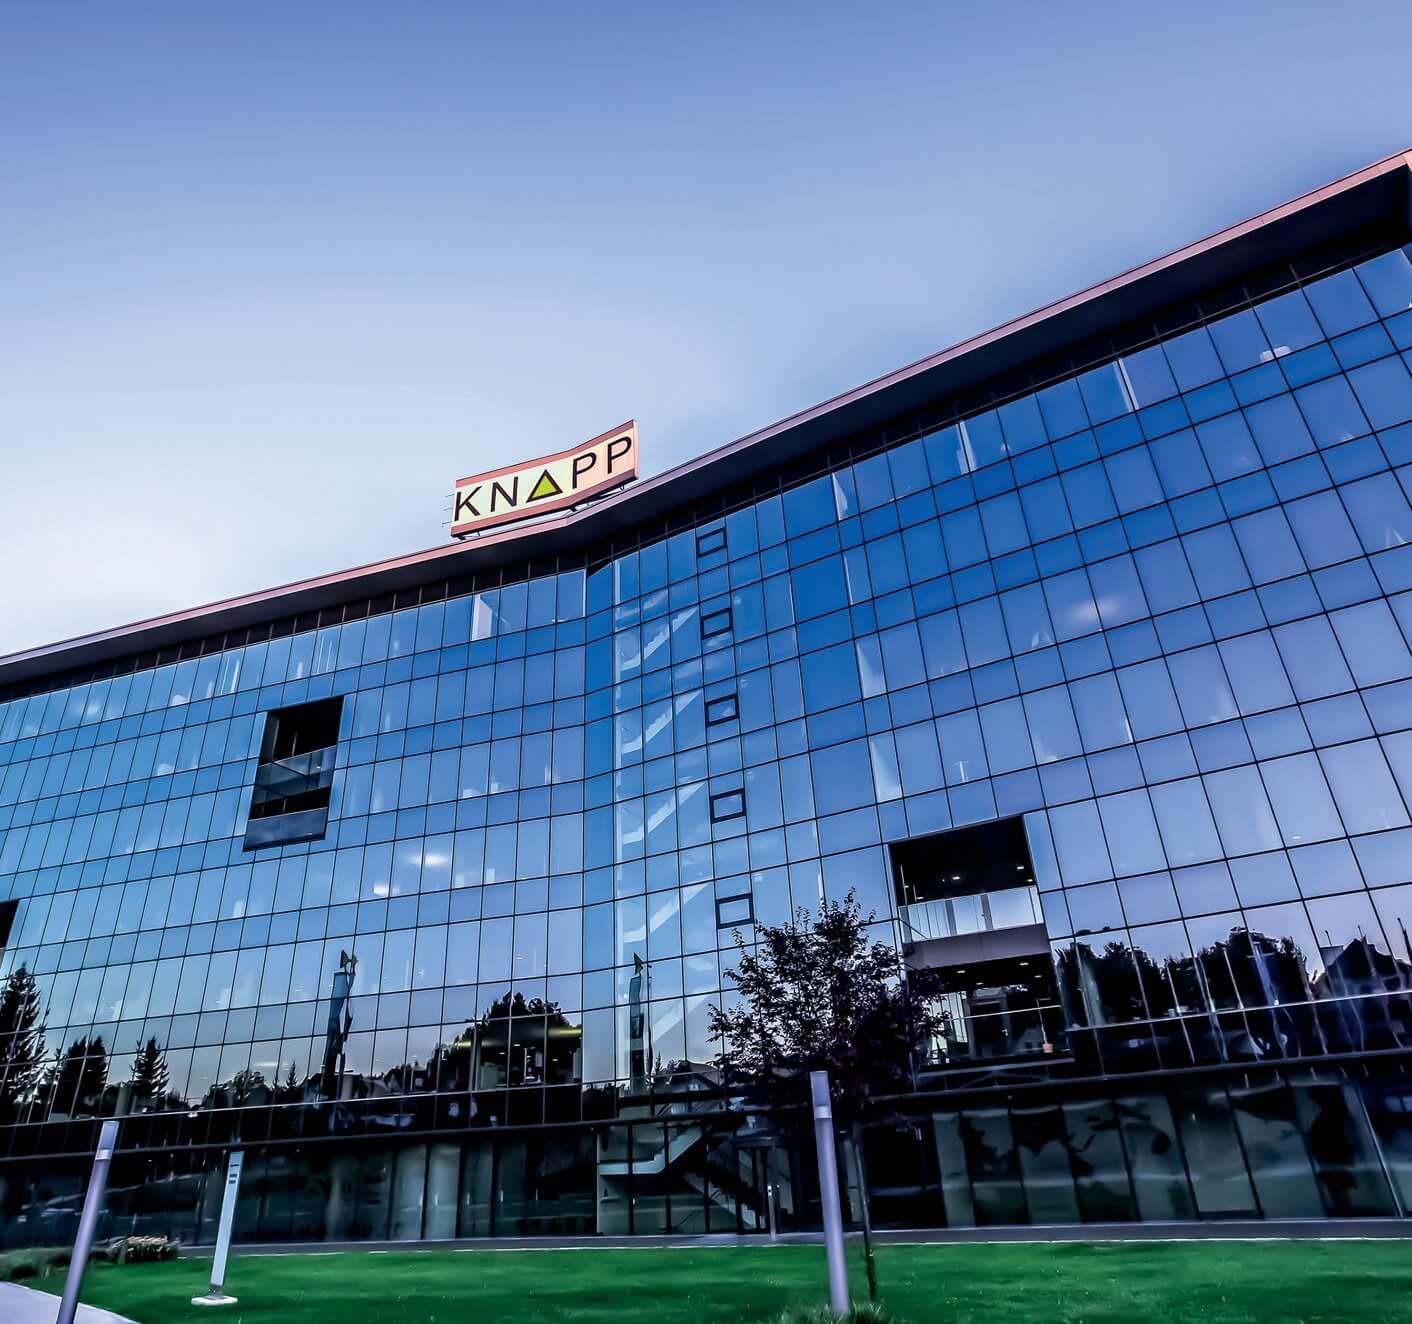 Bild des Gebäudes von der Knapp AG, valantic Supply Chain Excellence Day bei Knapp